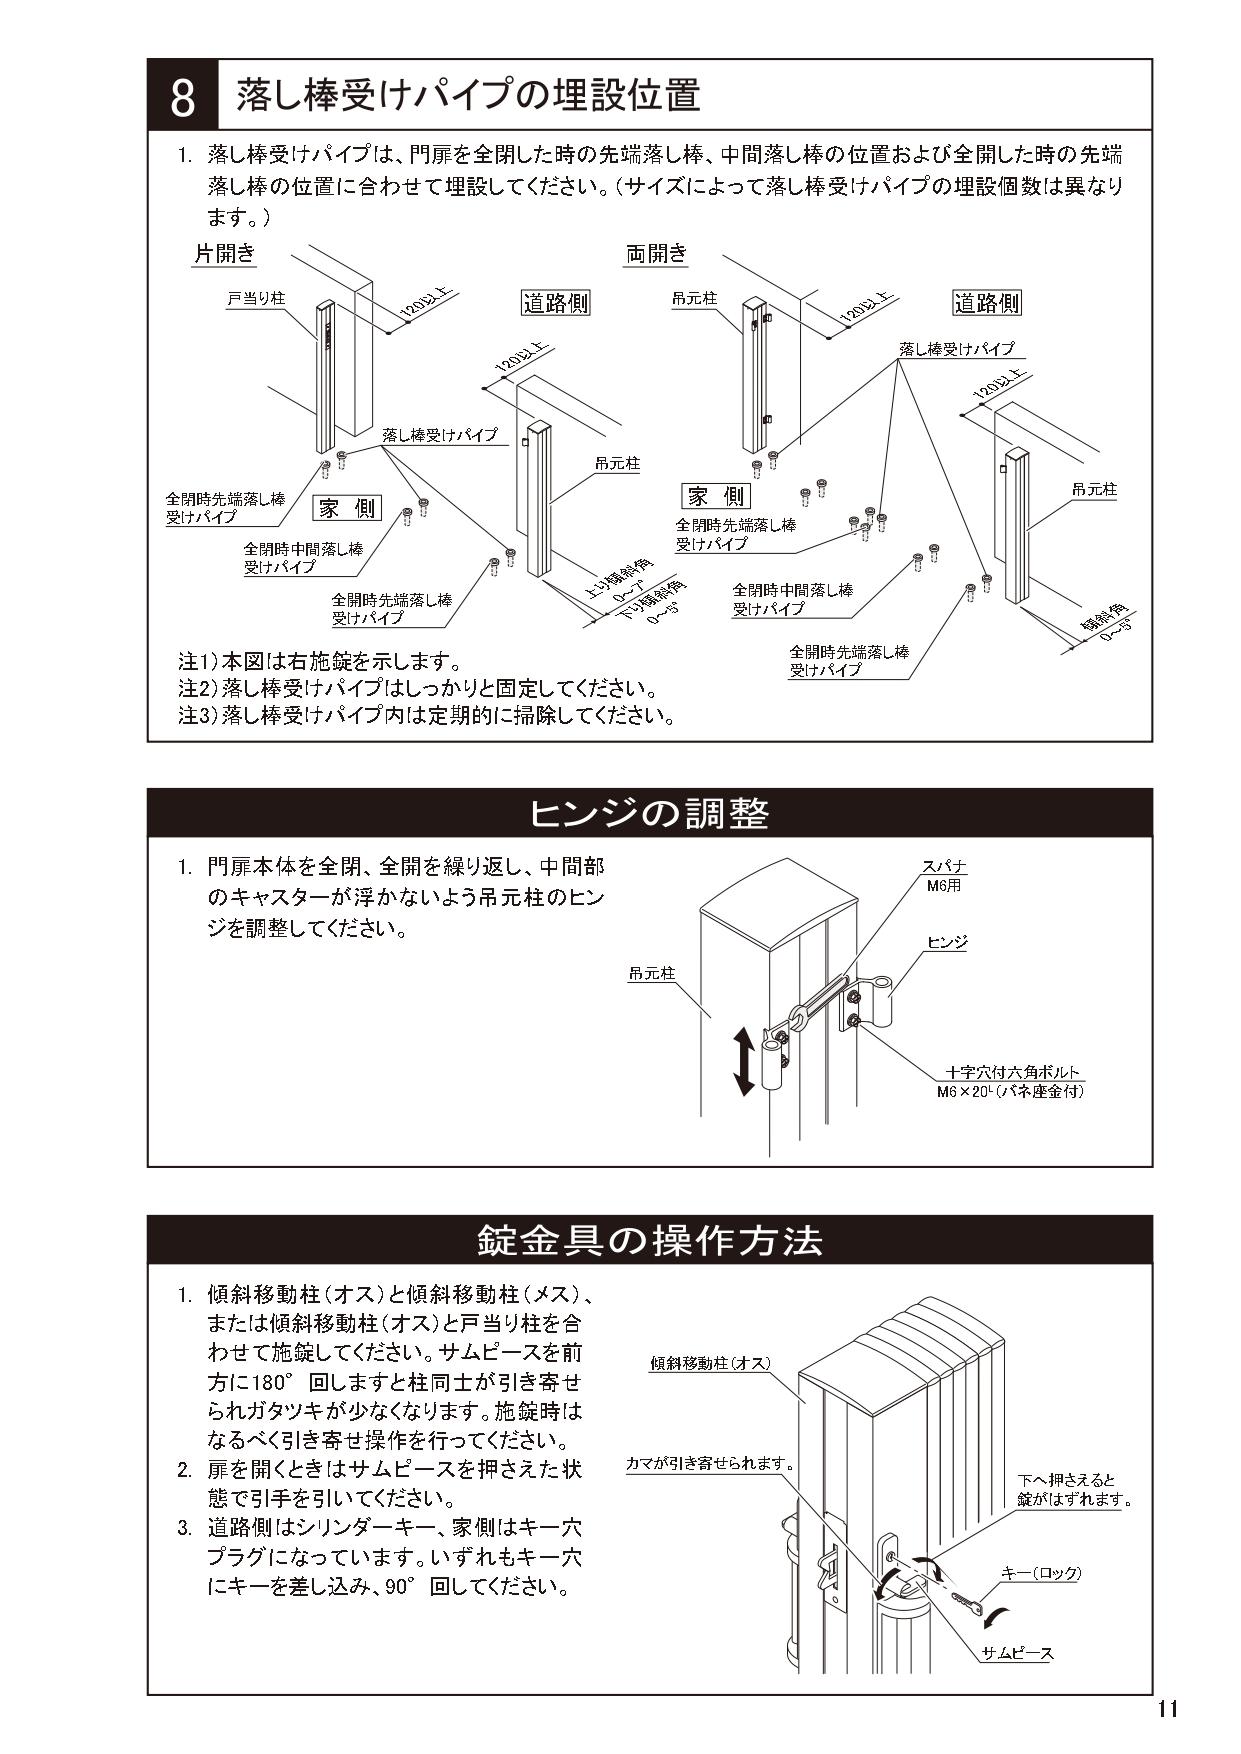 ニューハピネスHG 傾斜・ペットガードタイプ 施工説明書_page-0011